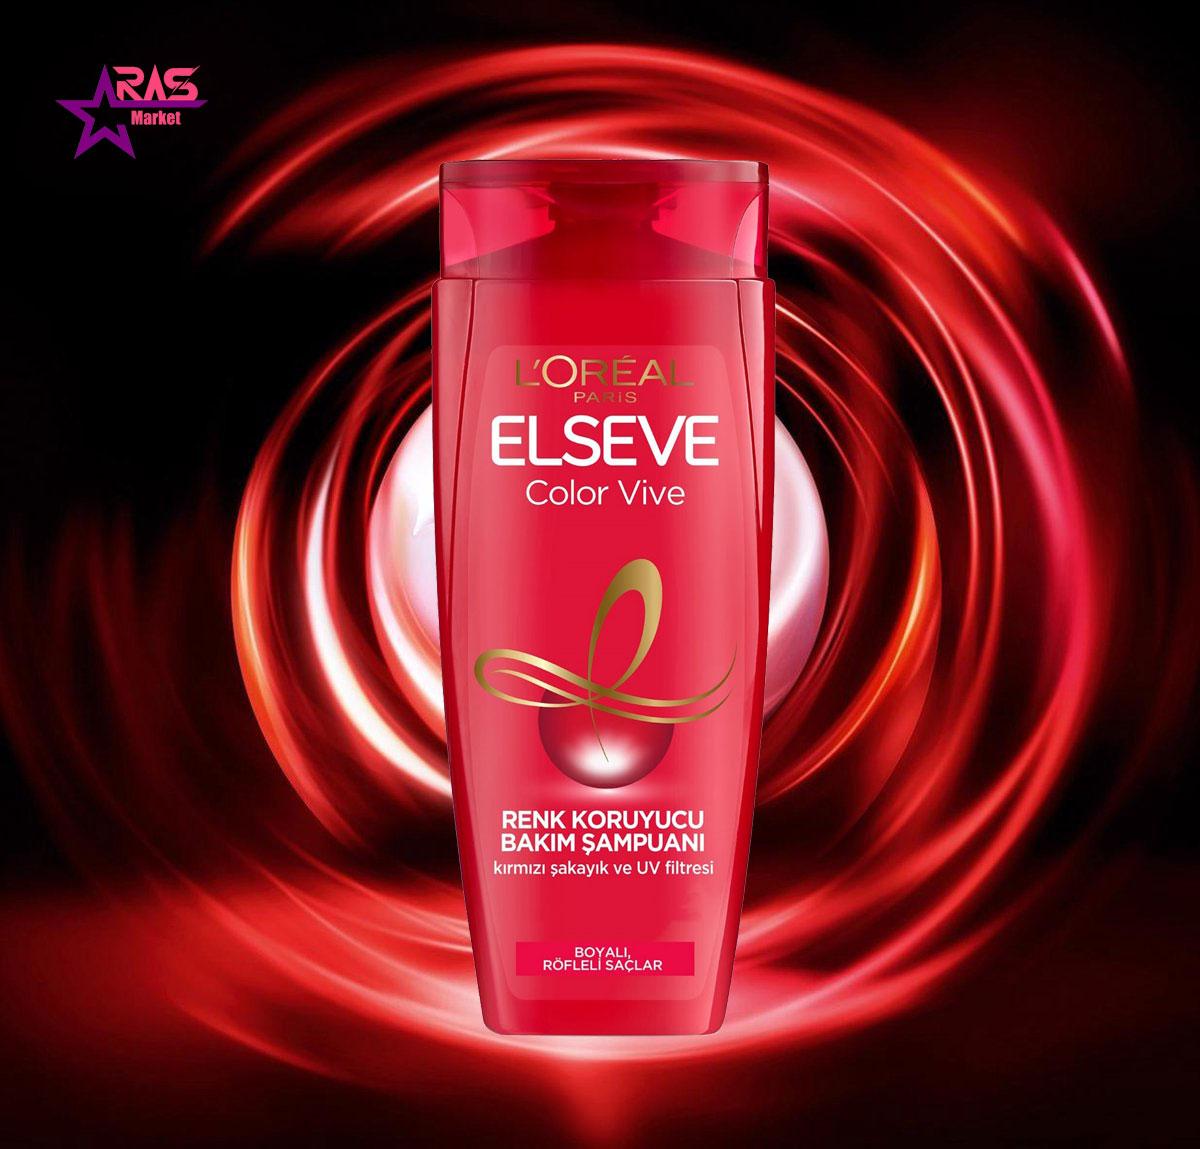 شامپو لورآل سری ELSEVE مدل Color Vive مخصوص موهای رنگ شده ۴۵۰ میلی لیتر ، خرید اینترنتی محصولات شوینده و بهداشتی ، استحمام